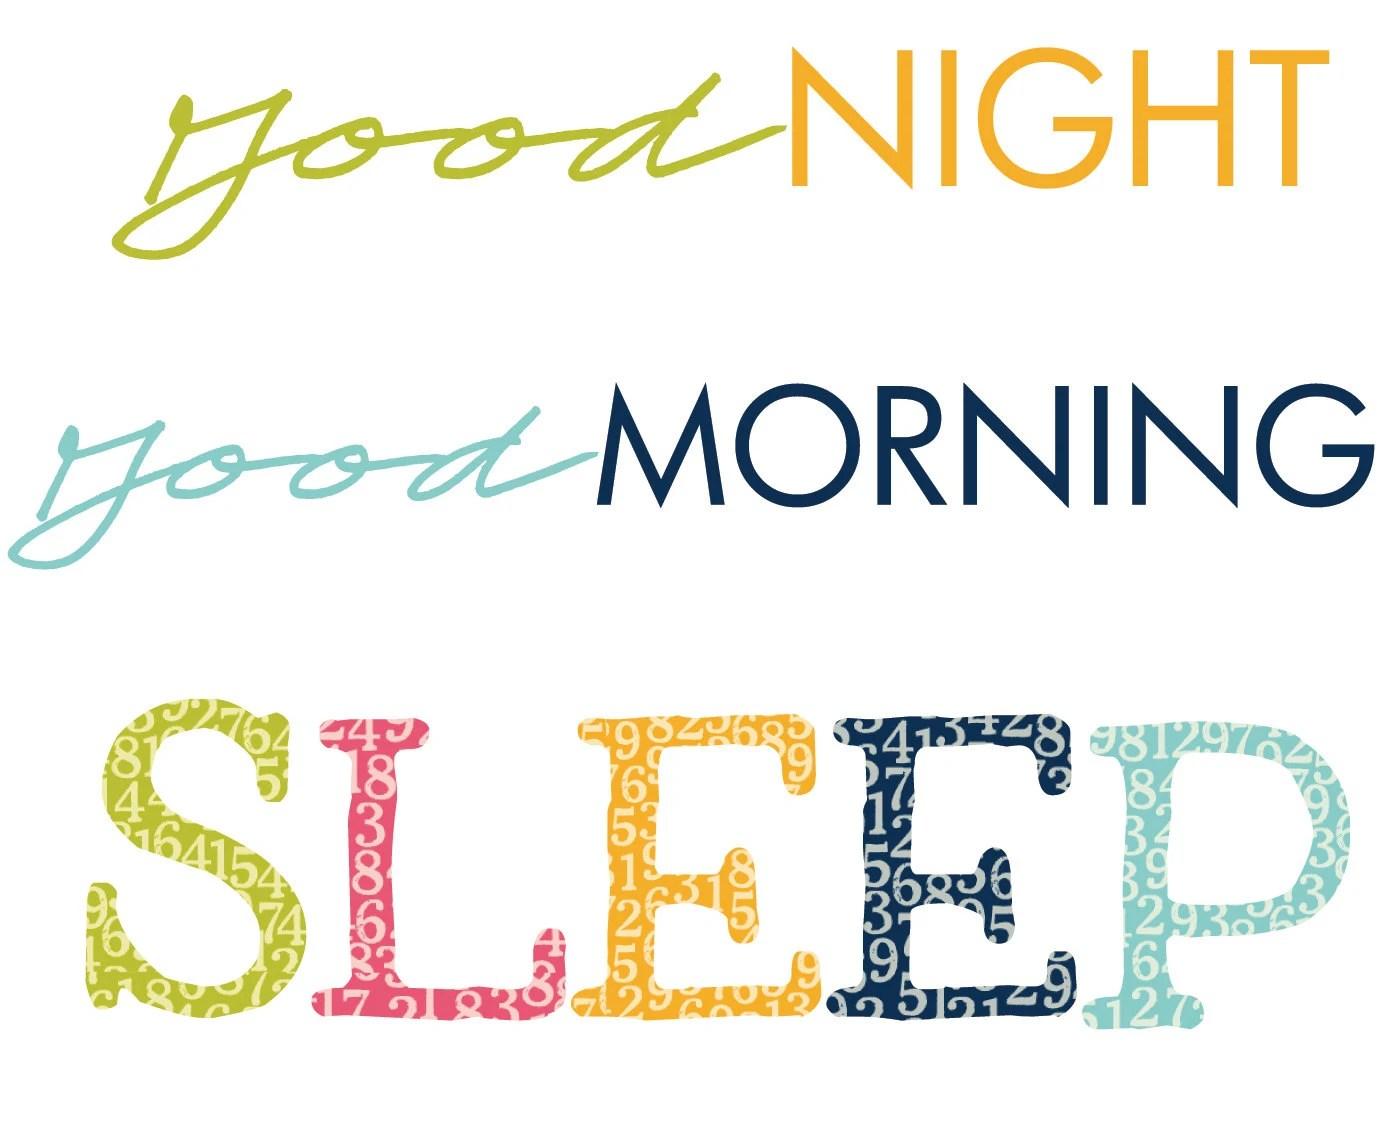 Good Night Good Morning Fabric Label